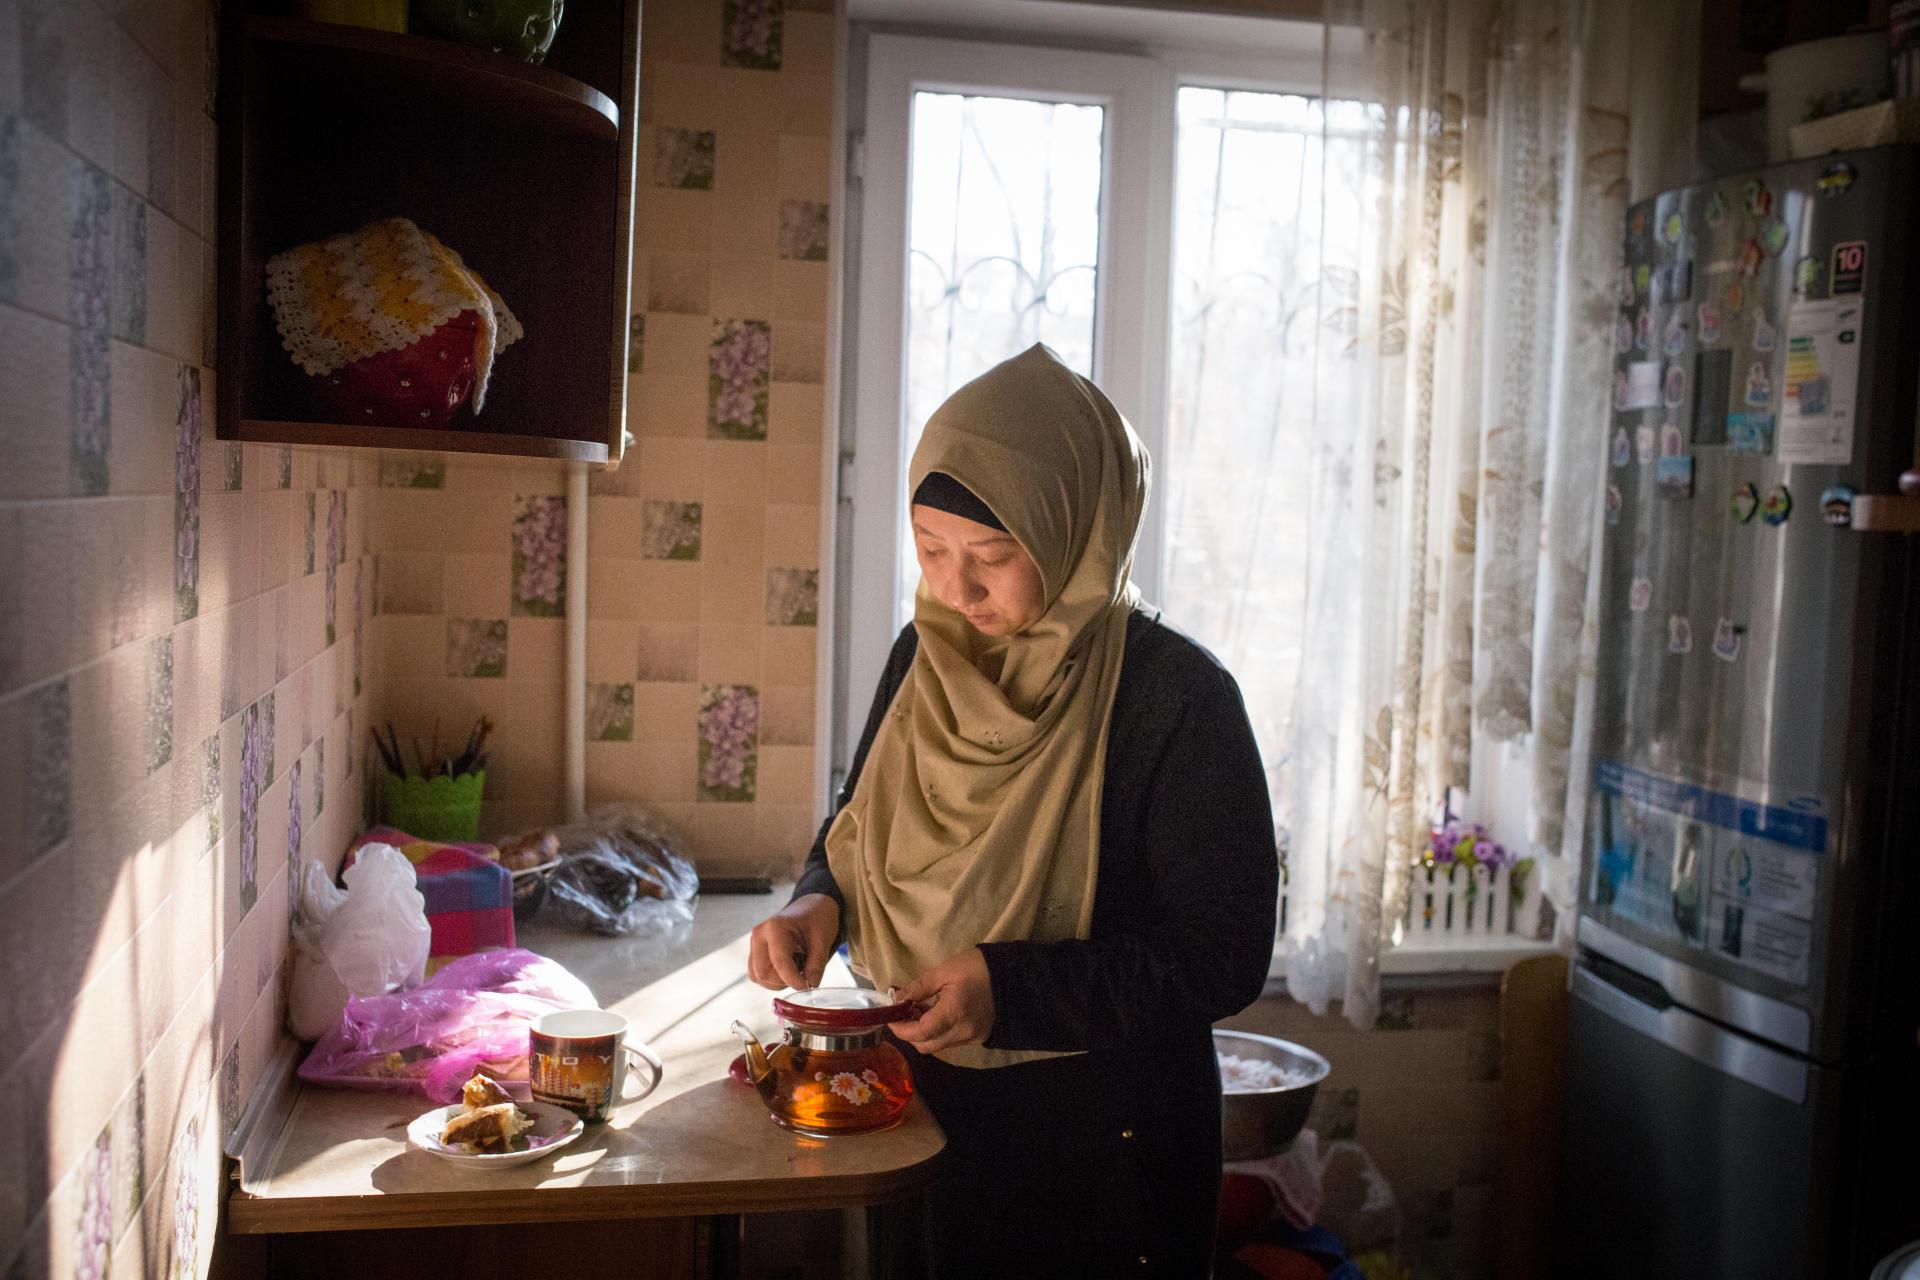 Guzel Basitova, 34 ans, vivait au Kazakhstan avec sa famille. Jusqu'à ce que son mari,Mejit Adkham, retourne dans son village du Xinjiang. En 2017, elle s'y rend pour tenter d'obtenir des nouvelles de son mari. Les autorités locales refusent de le laisser repartir au Kazakhstan. A Almaty, au Kazakhstan, en décembre 2018.